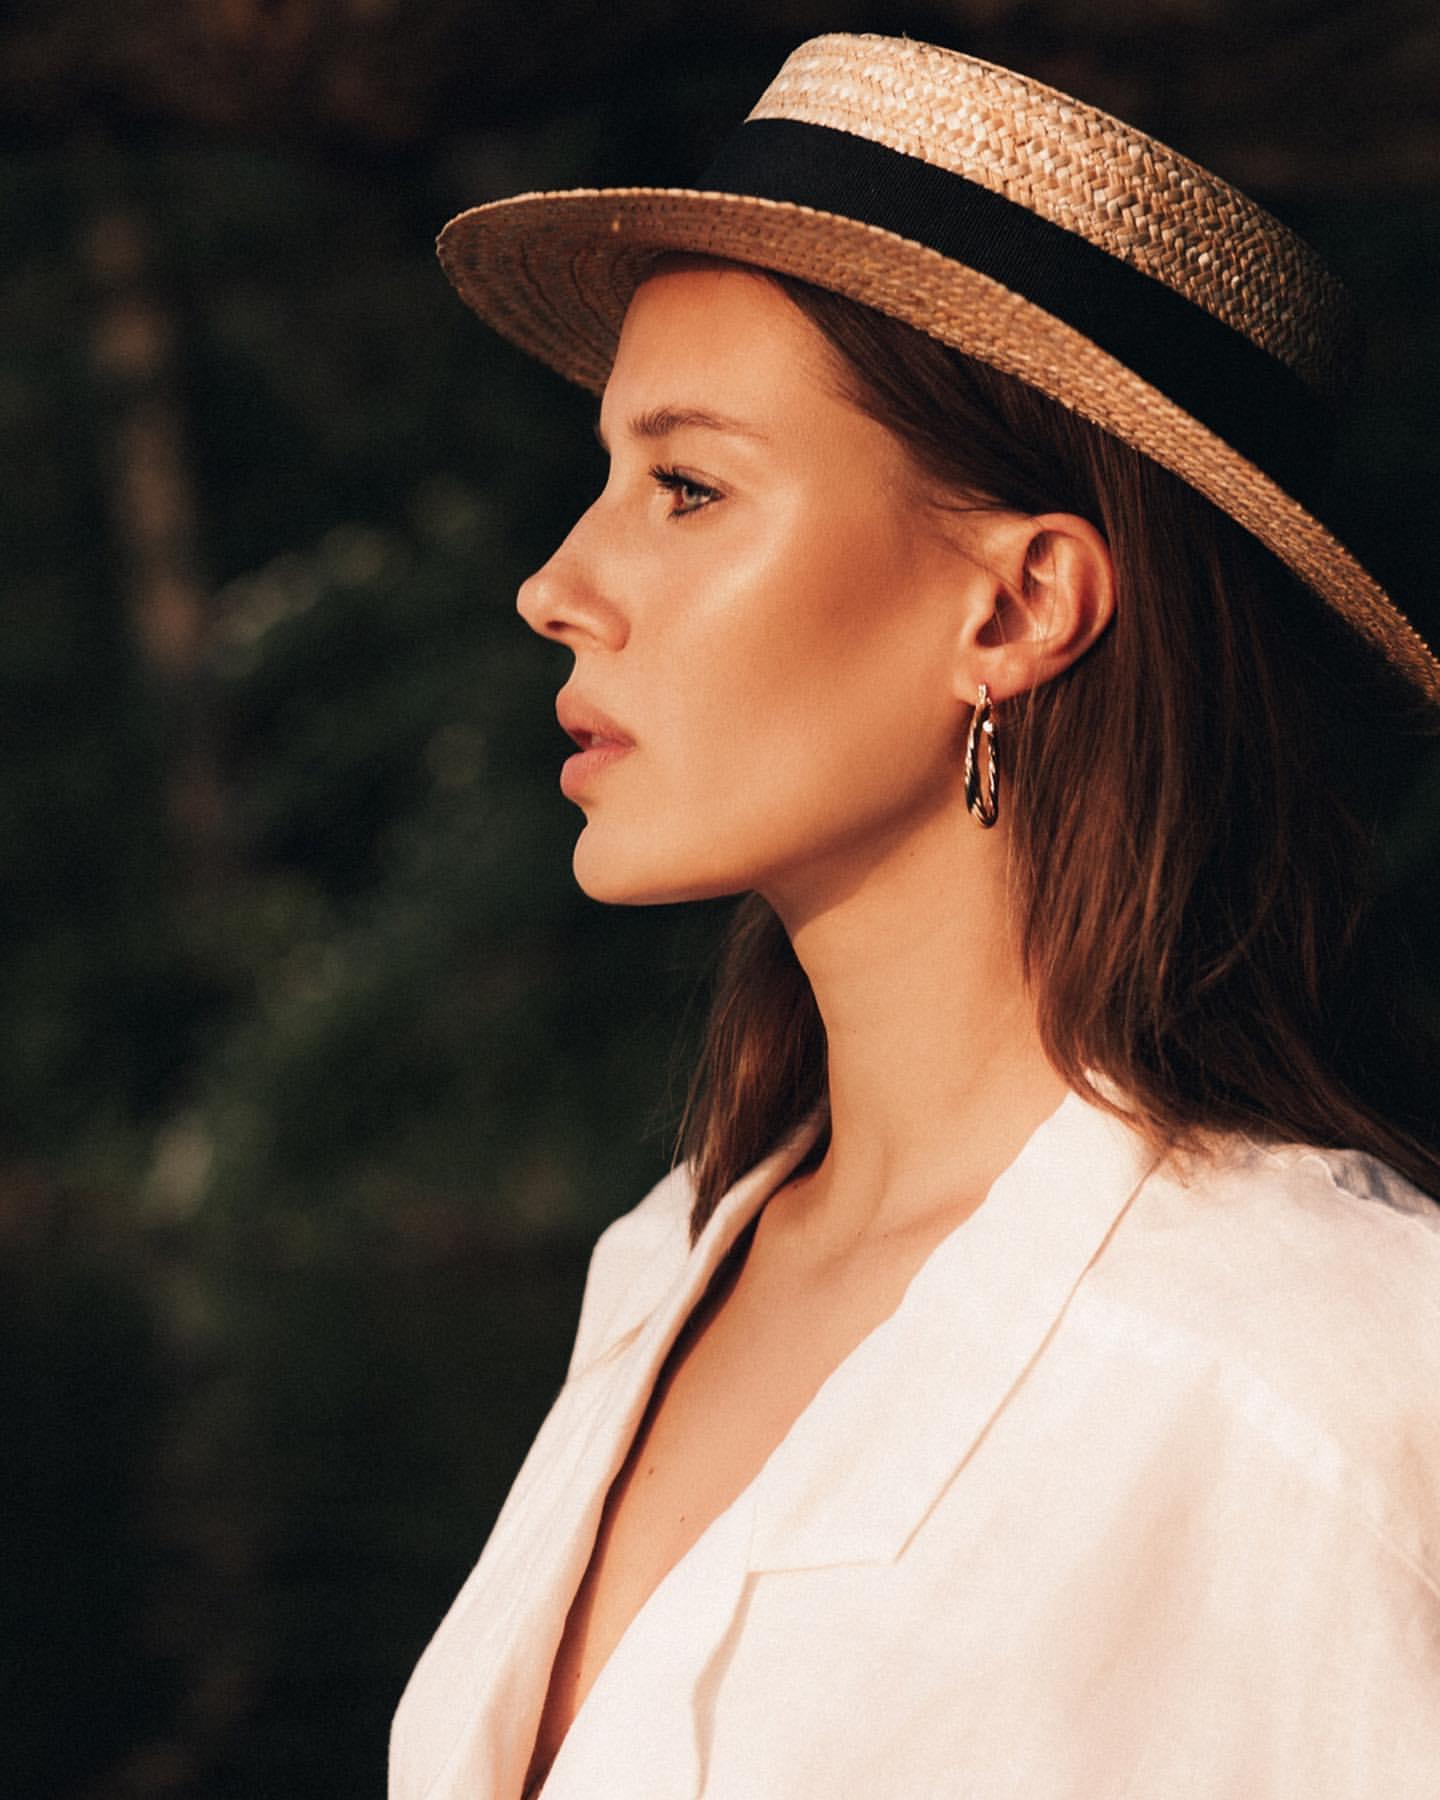 Nicole Poturalski